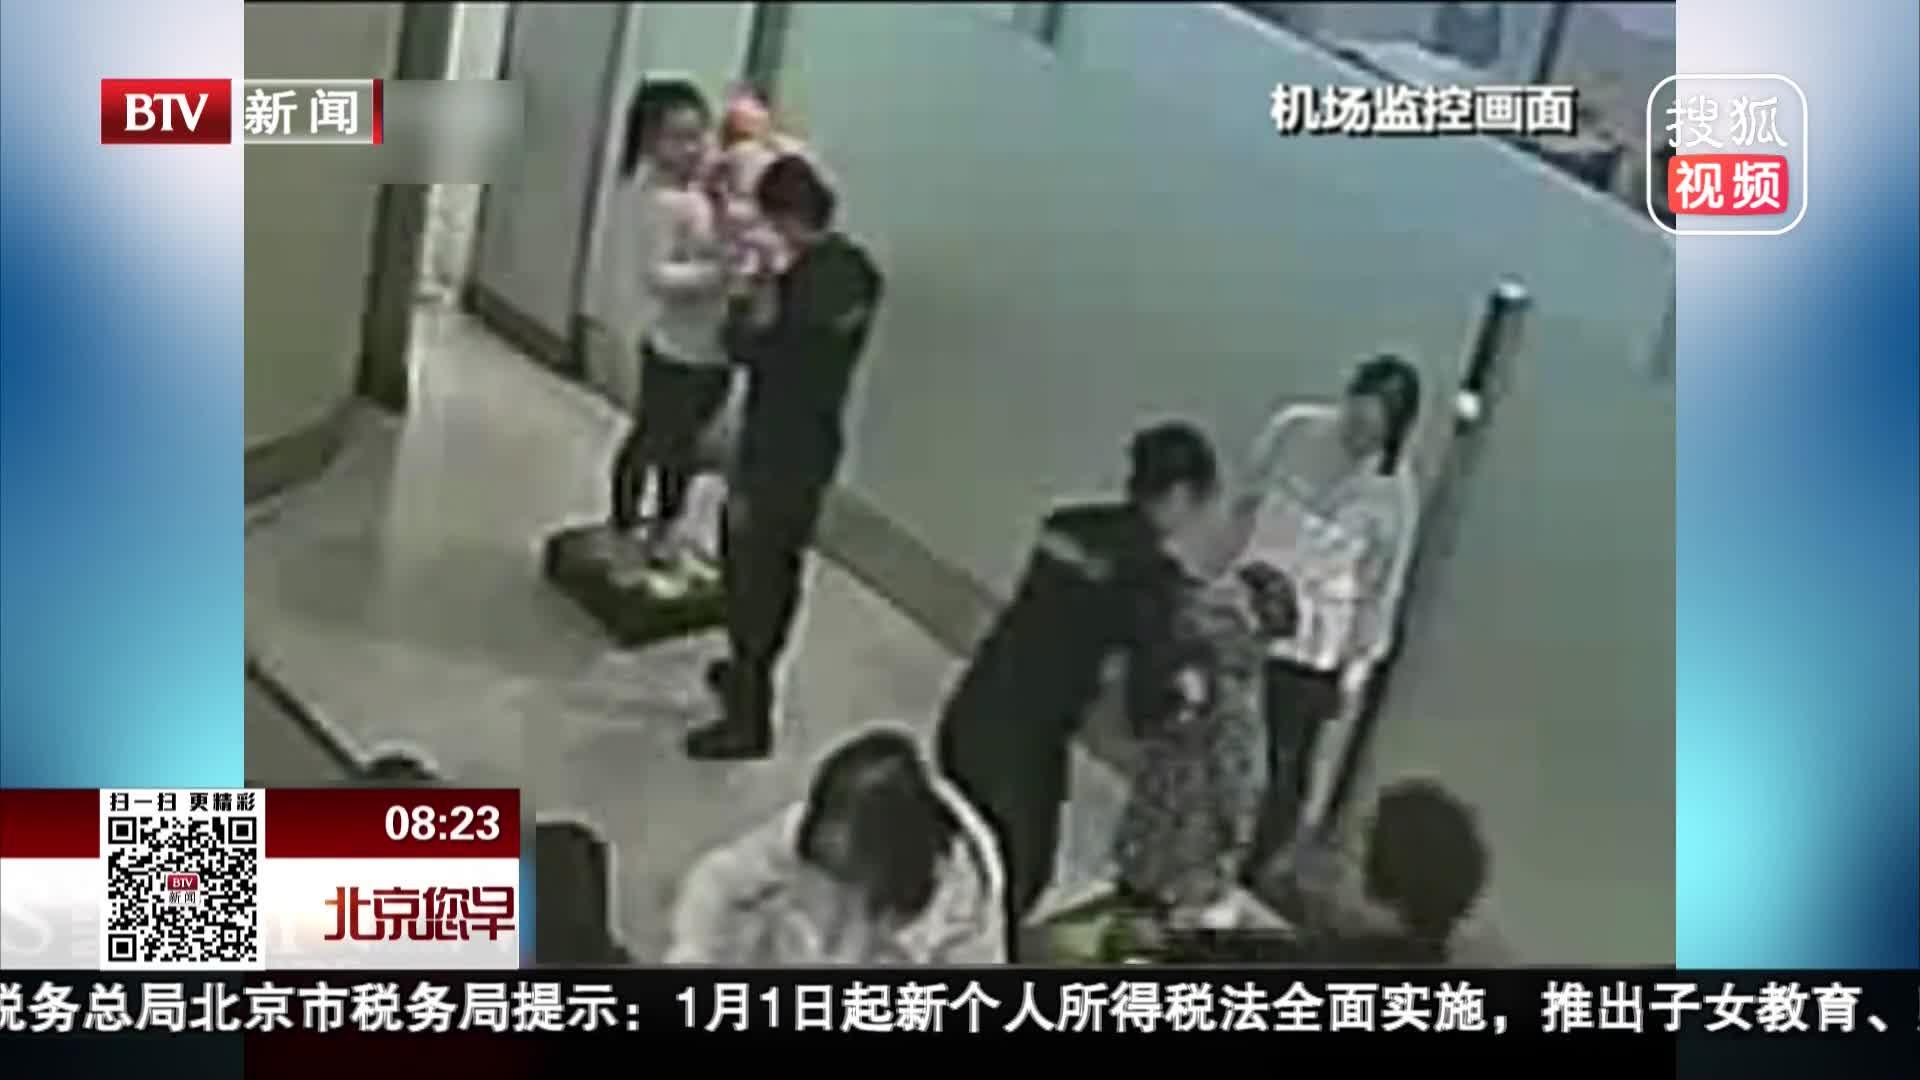 [视频]罚! 旅客口含打火机妄图过安检